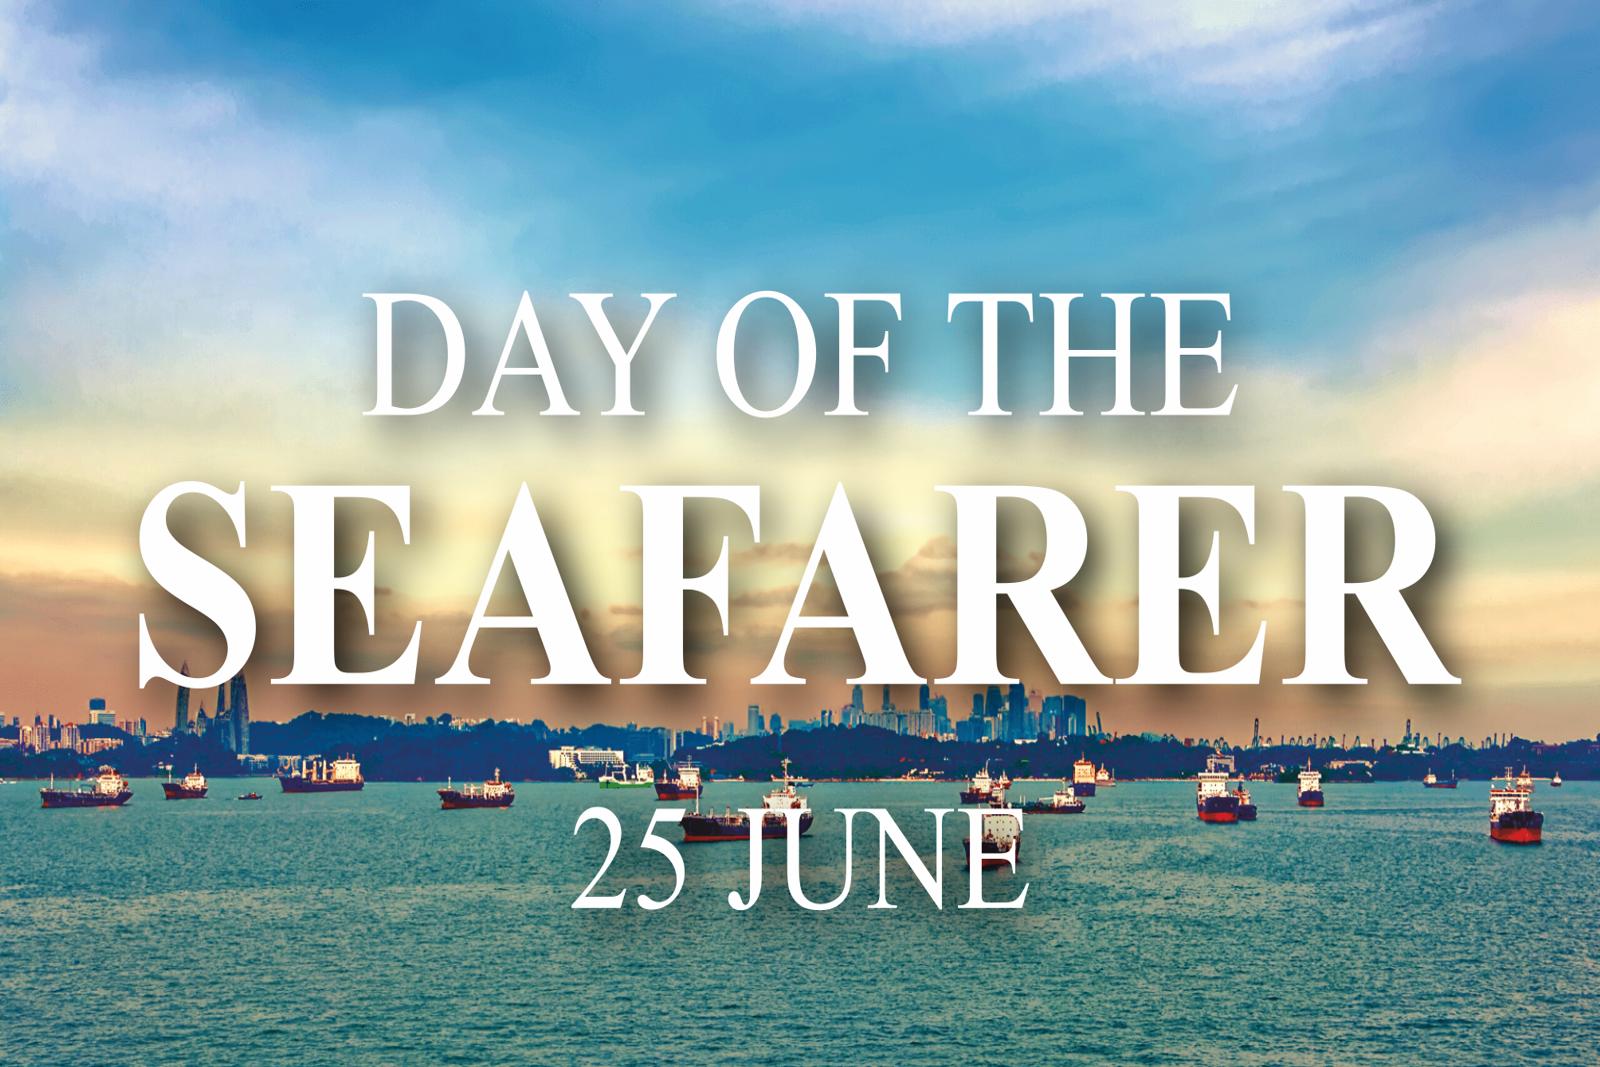 Ziua Internațională a Navigatorului, 25 iunie 2021